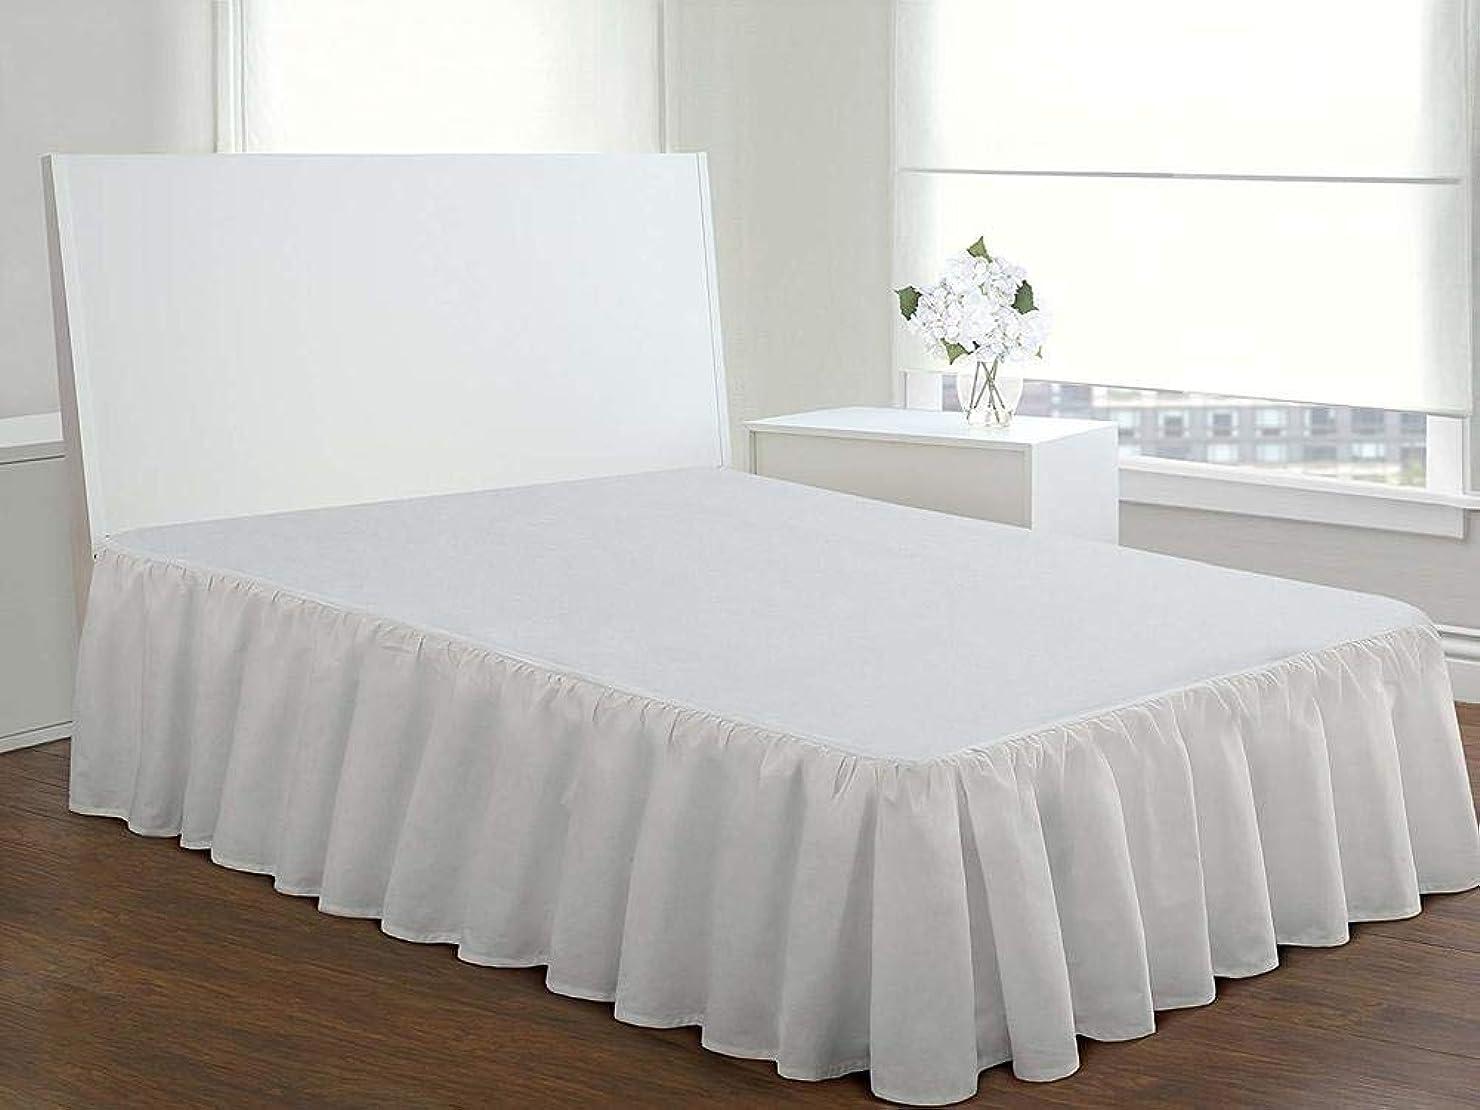 ヘビアスペクトバリケードフリル ベッド スカート,ポリエステル繊維 弾性 ほこり 耐フェード エキストラ ベッド の ホテル- 120x200*25cm